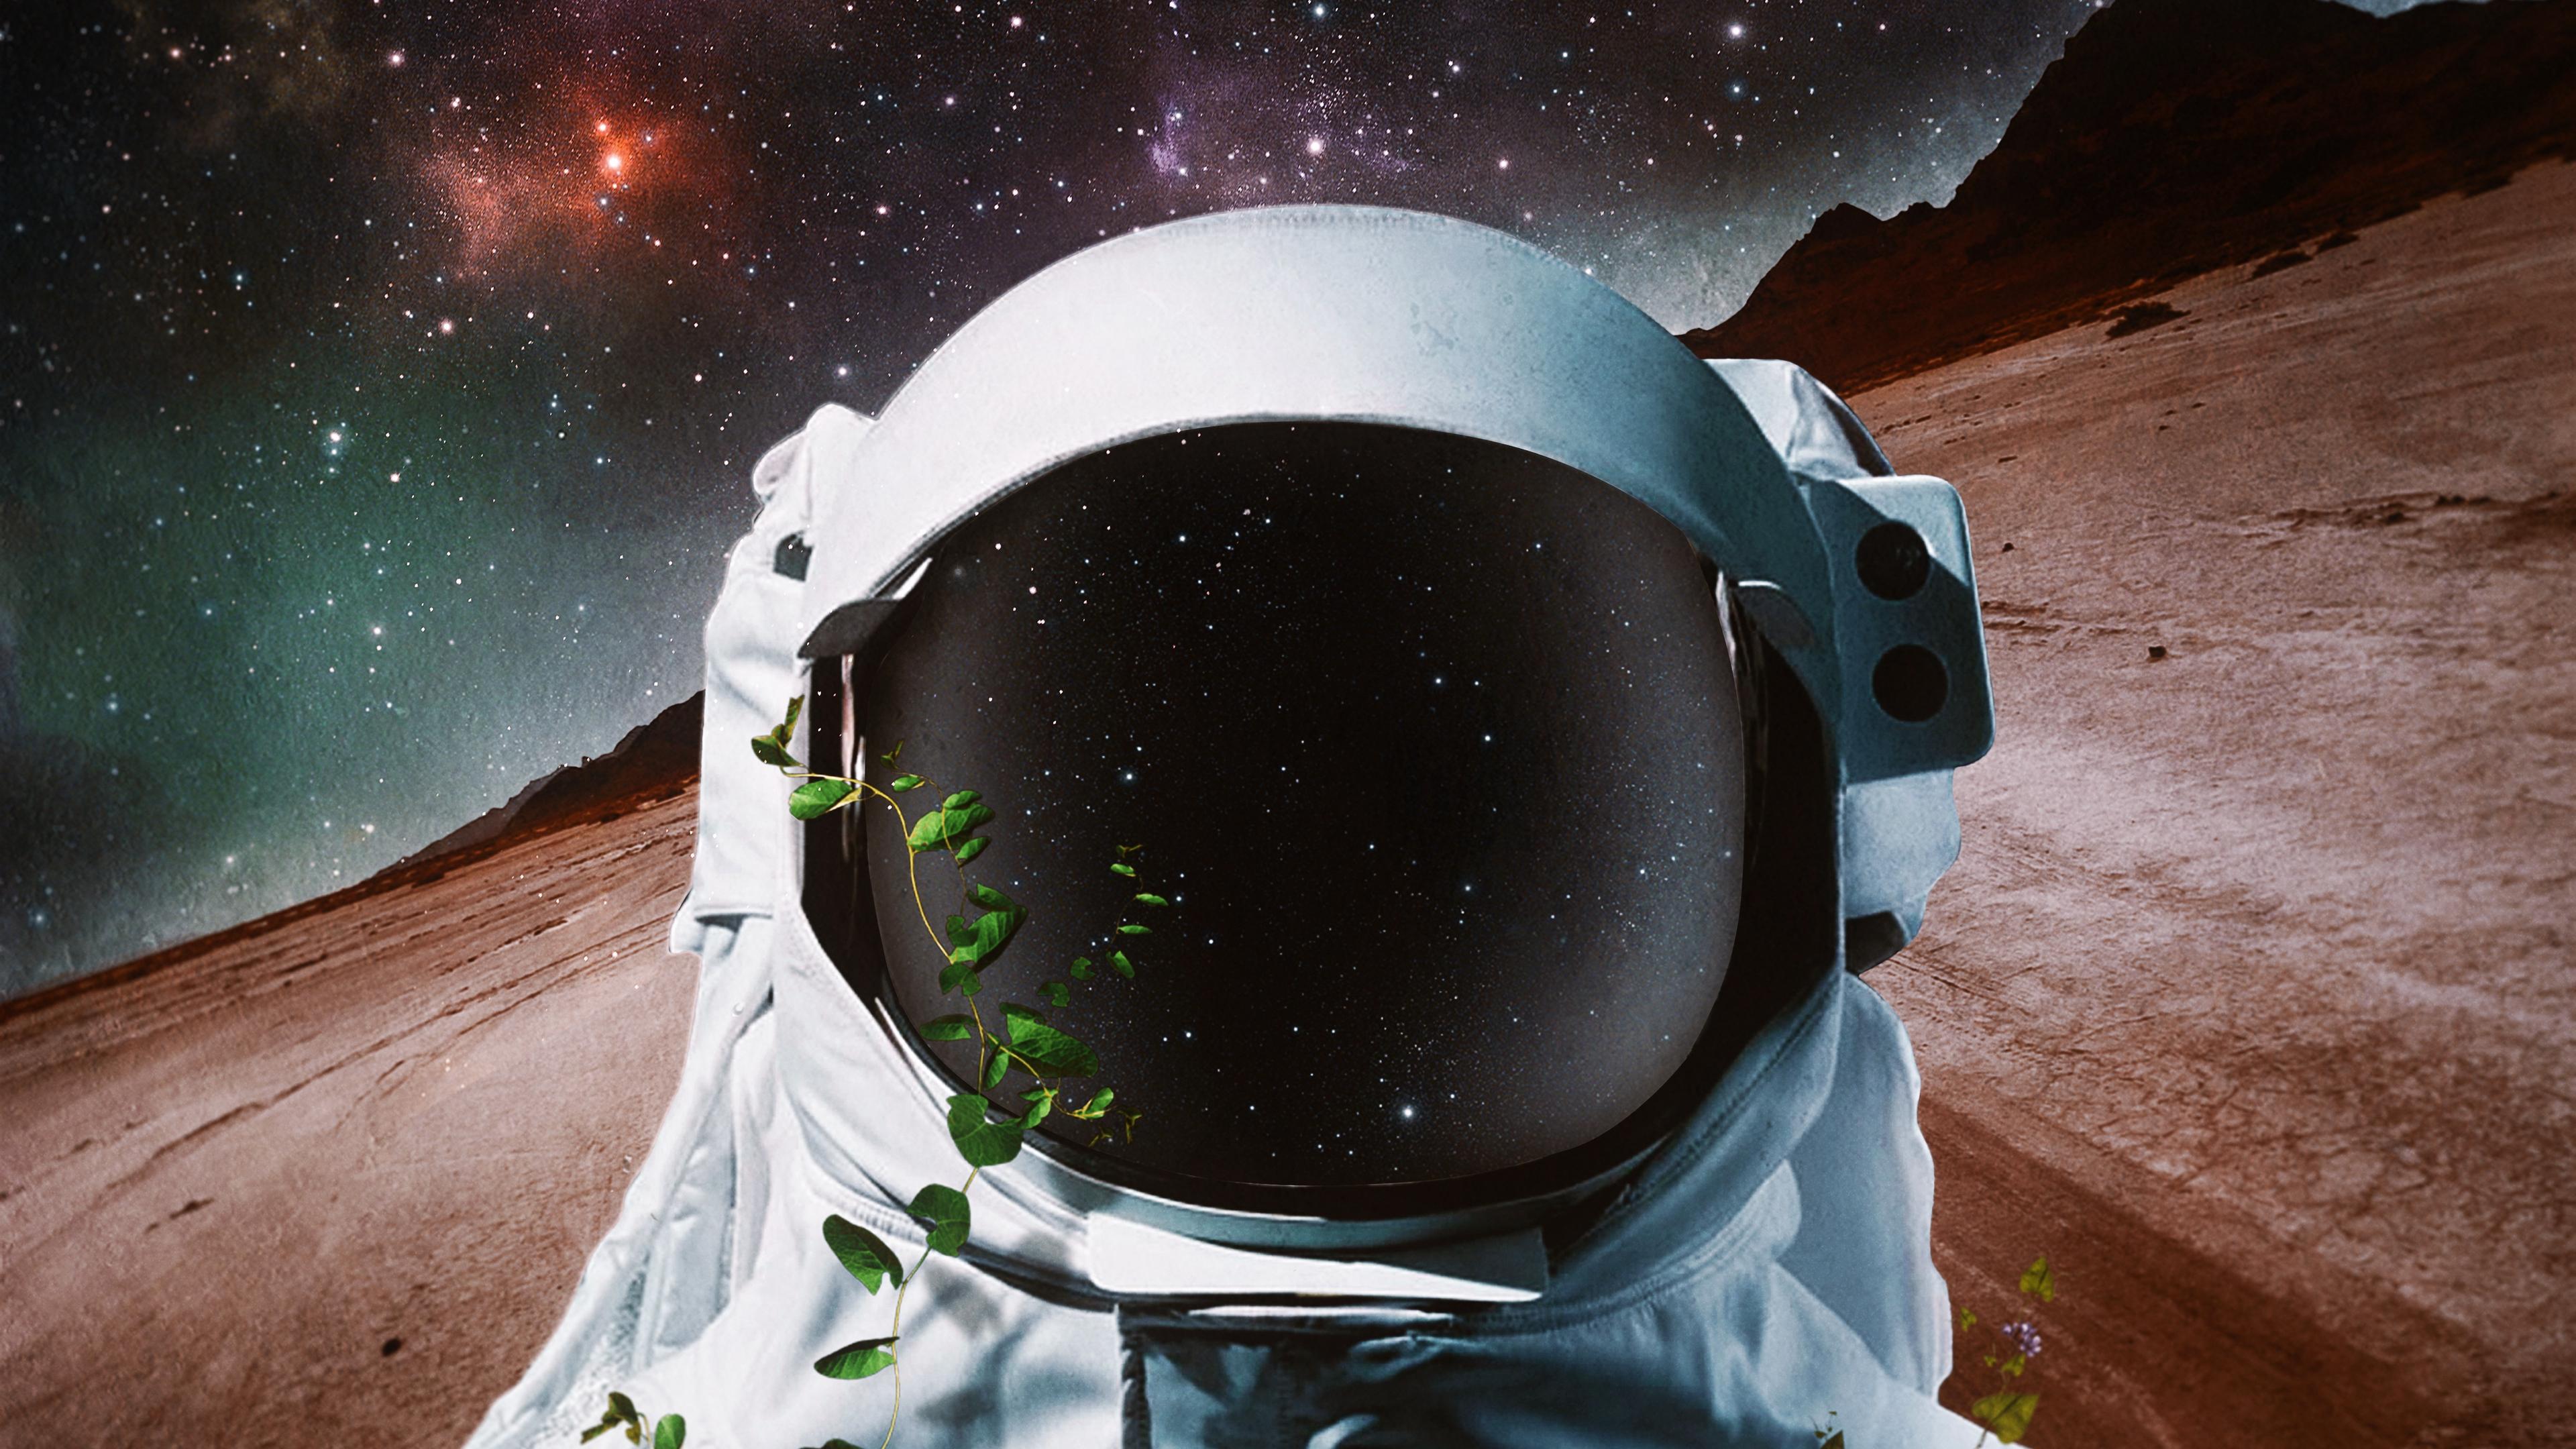 cosmonaut space suit art space 4k 1536013865 - cosmonaut, space suit, art, space 4k - space suit, cosmonaut, art